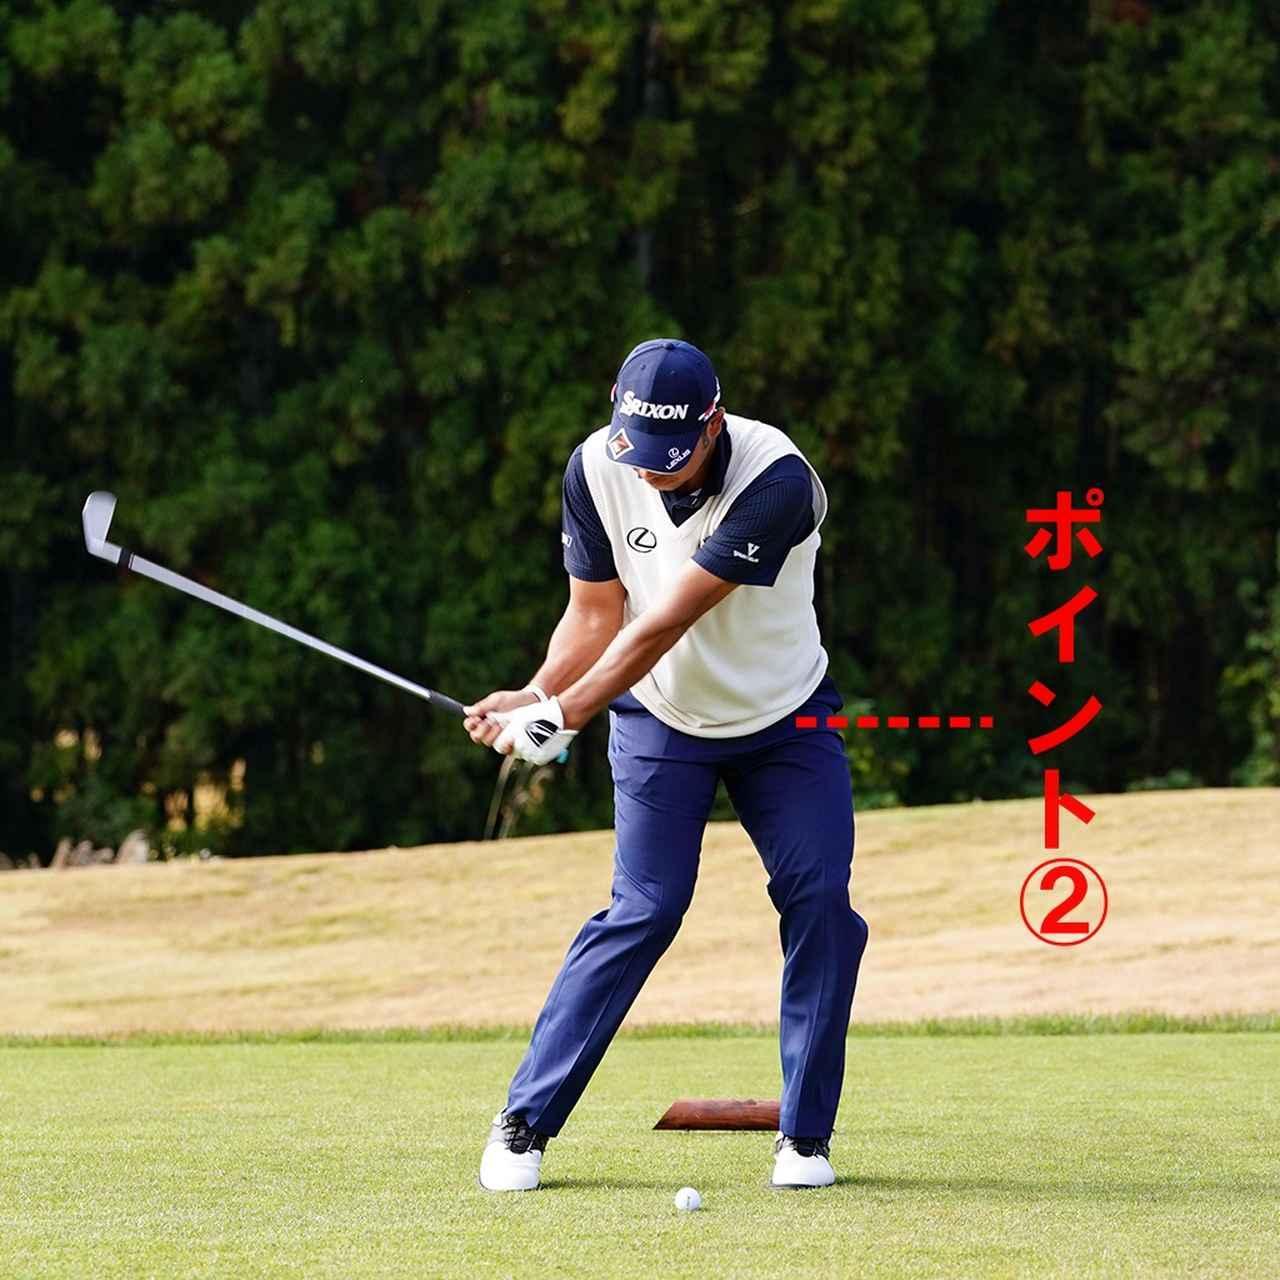 画像6: 【松山英樹】「手の位置が超低い」。世界のアイアンマンをスウィング分析!